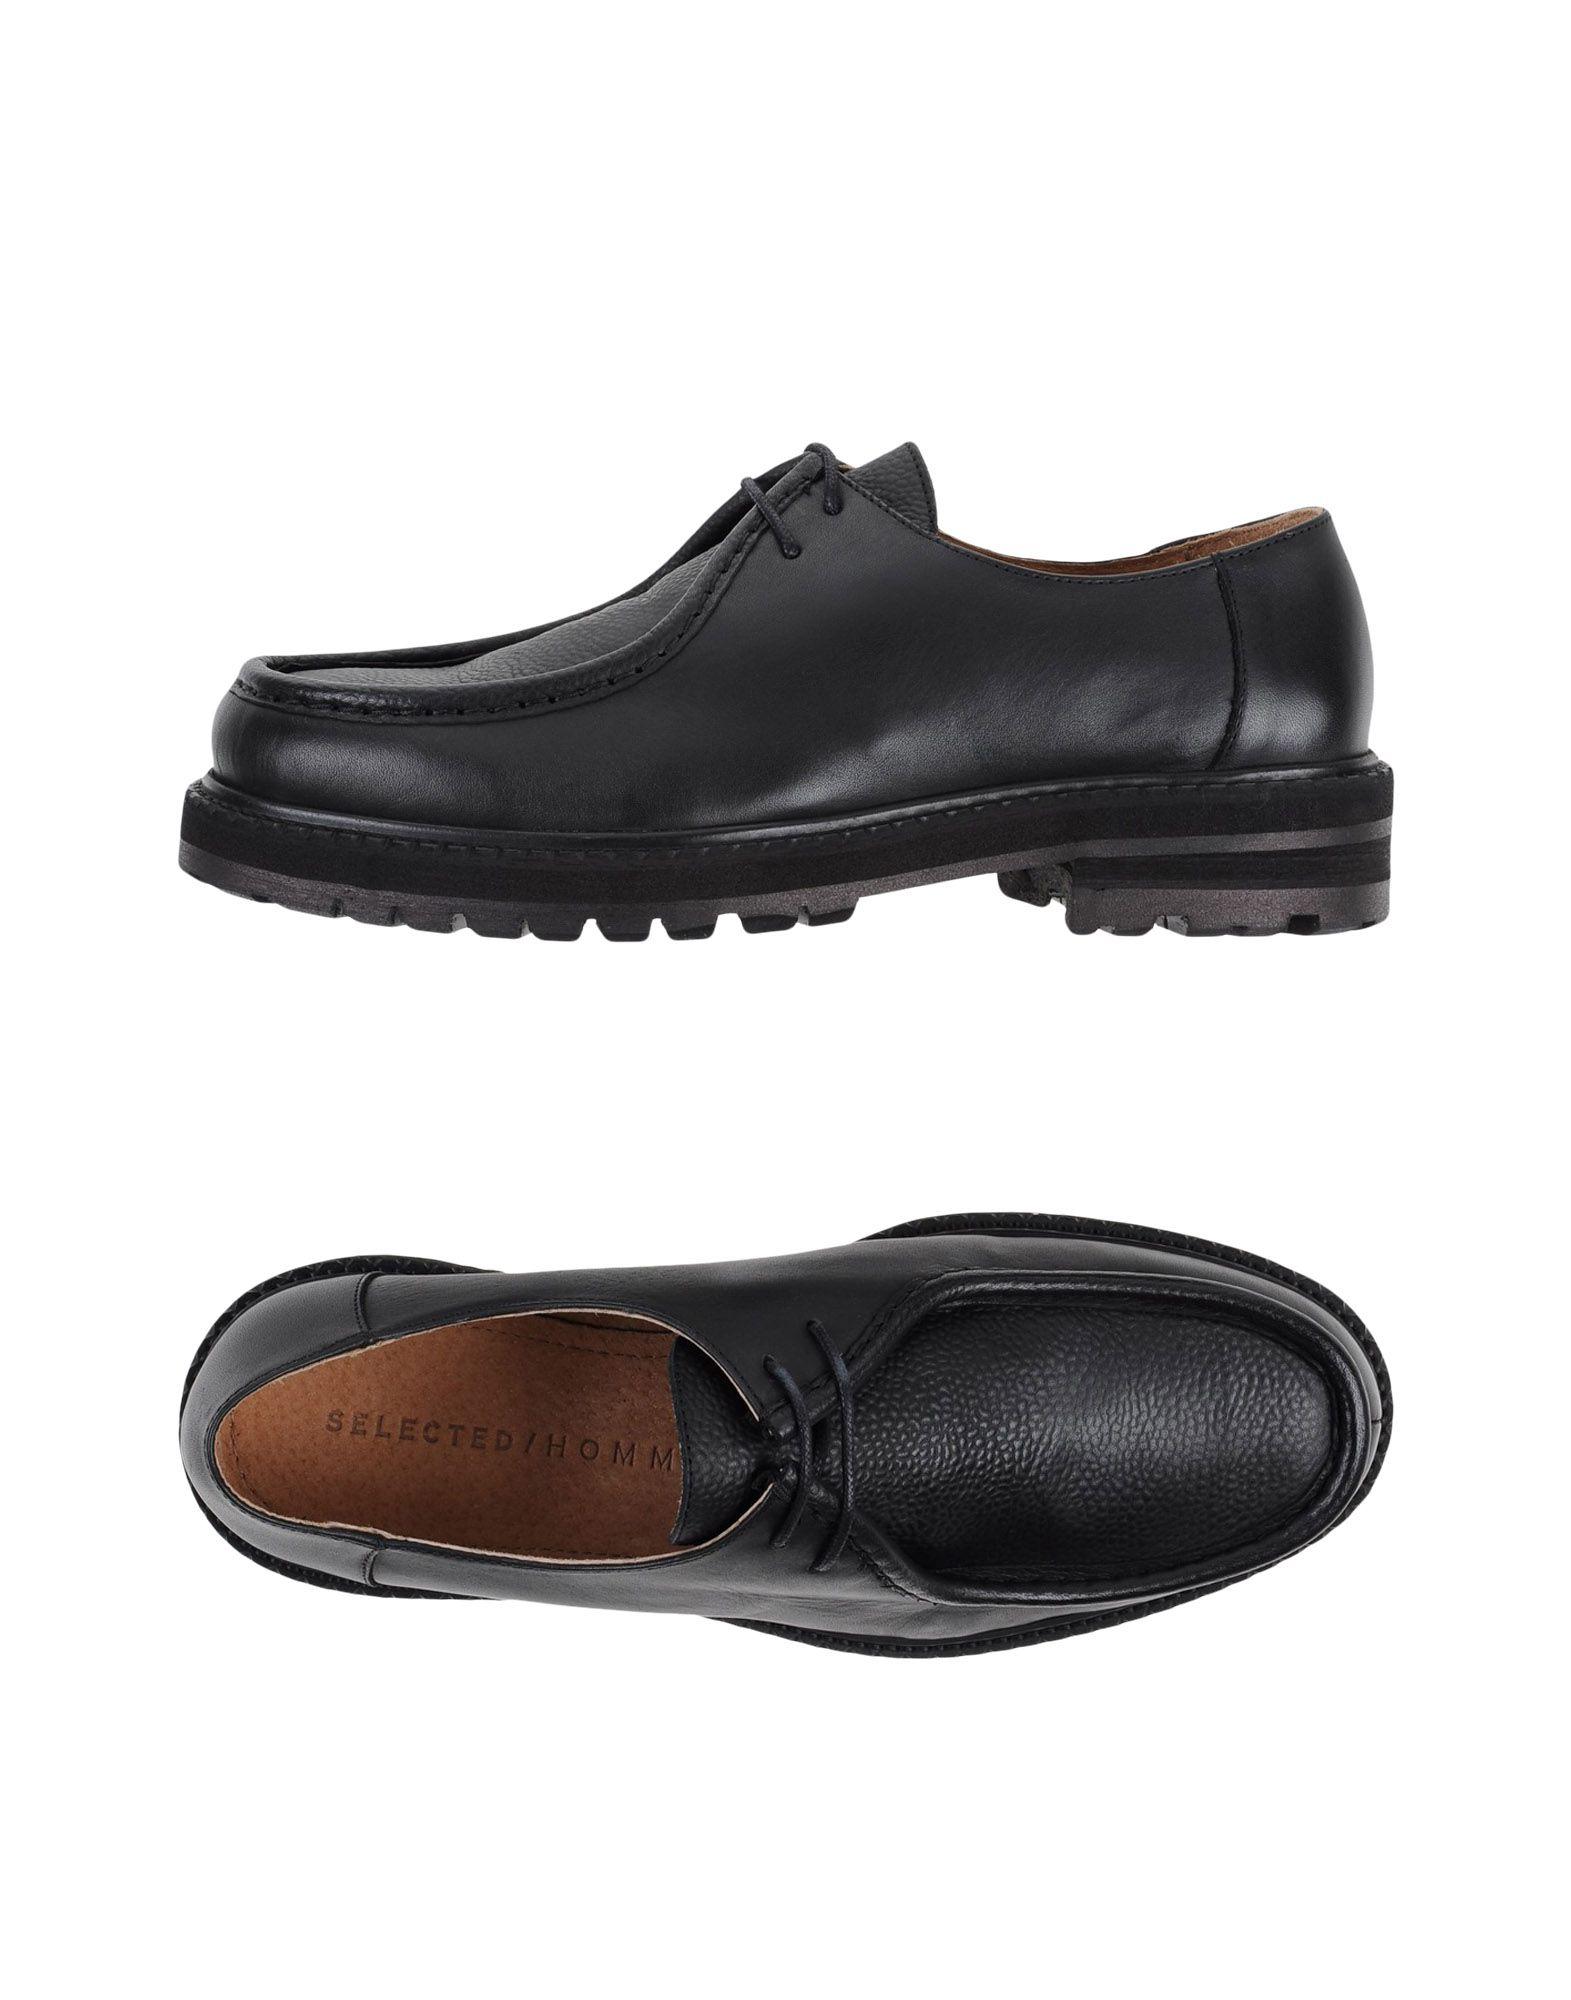 Selected Homme Mokassins Herren  11124810IU Gute Qualität beliebte Schuhe